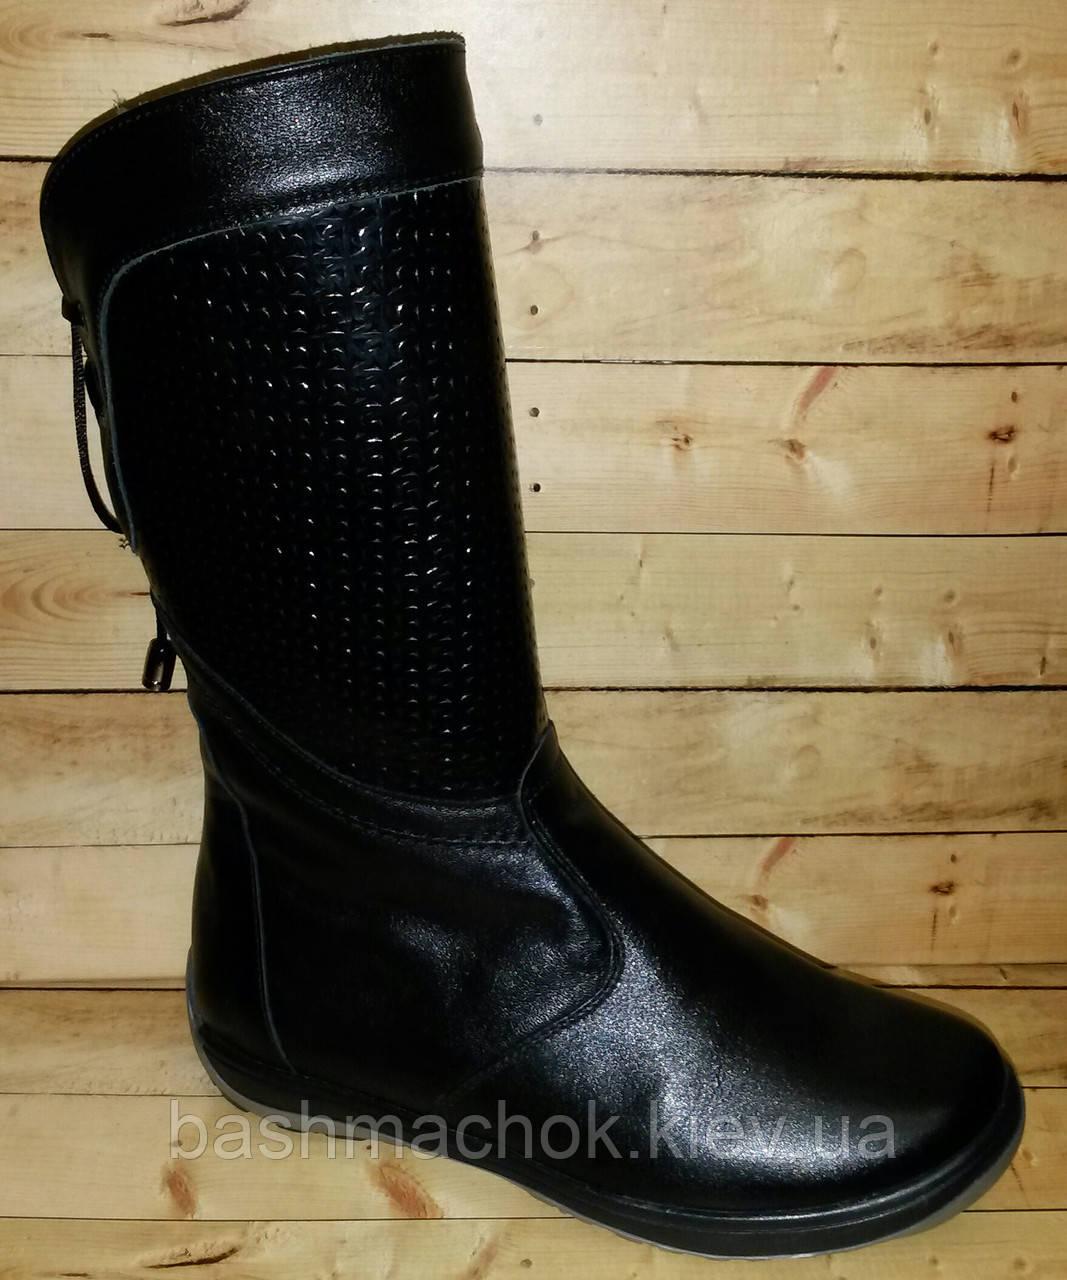 Кожаные сапоги Каприз на шерсти размеры 32.33.35.37 35 - Интернет-магазин  детской обуви ddc47951dad20